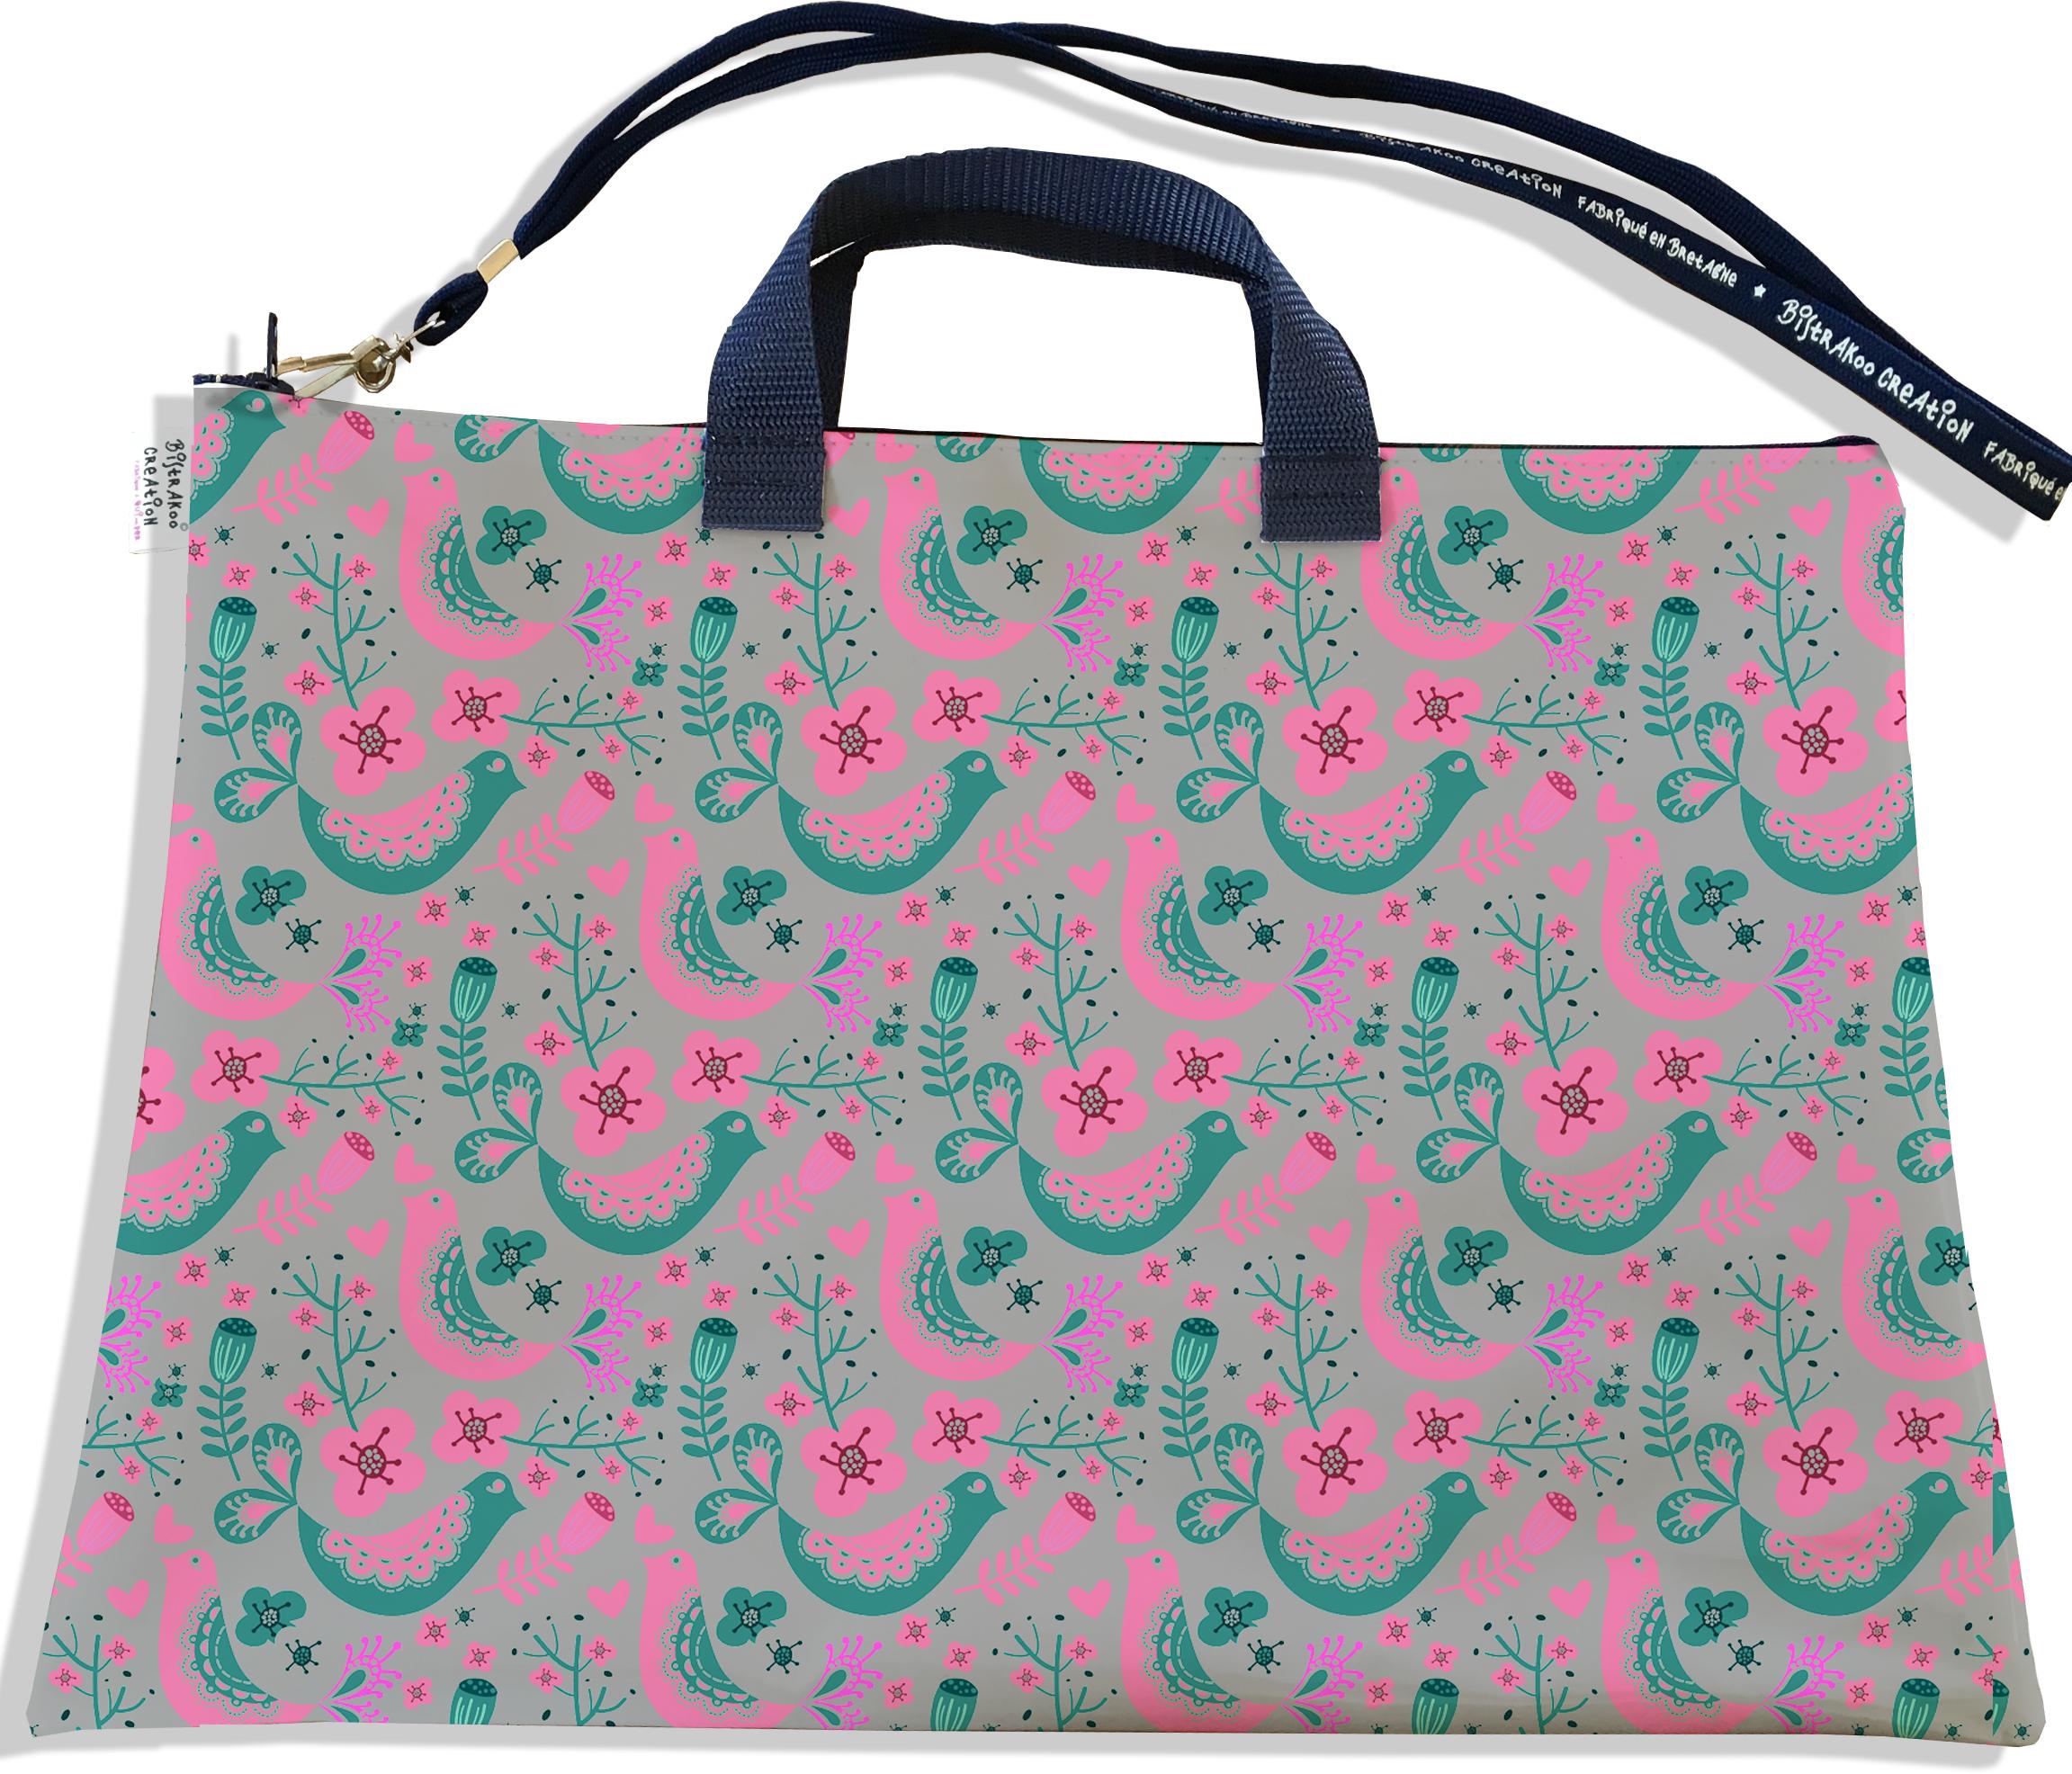 Sacoche ordinateur portable 11 & 13 pouces pour femme motif Scandinave rose et vert fond gris 3231